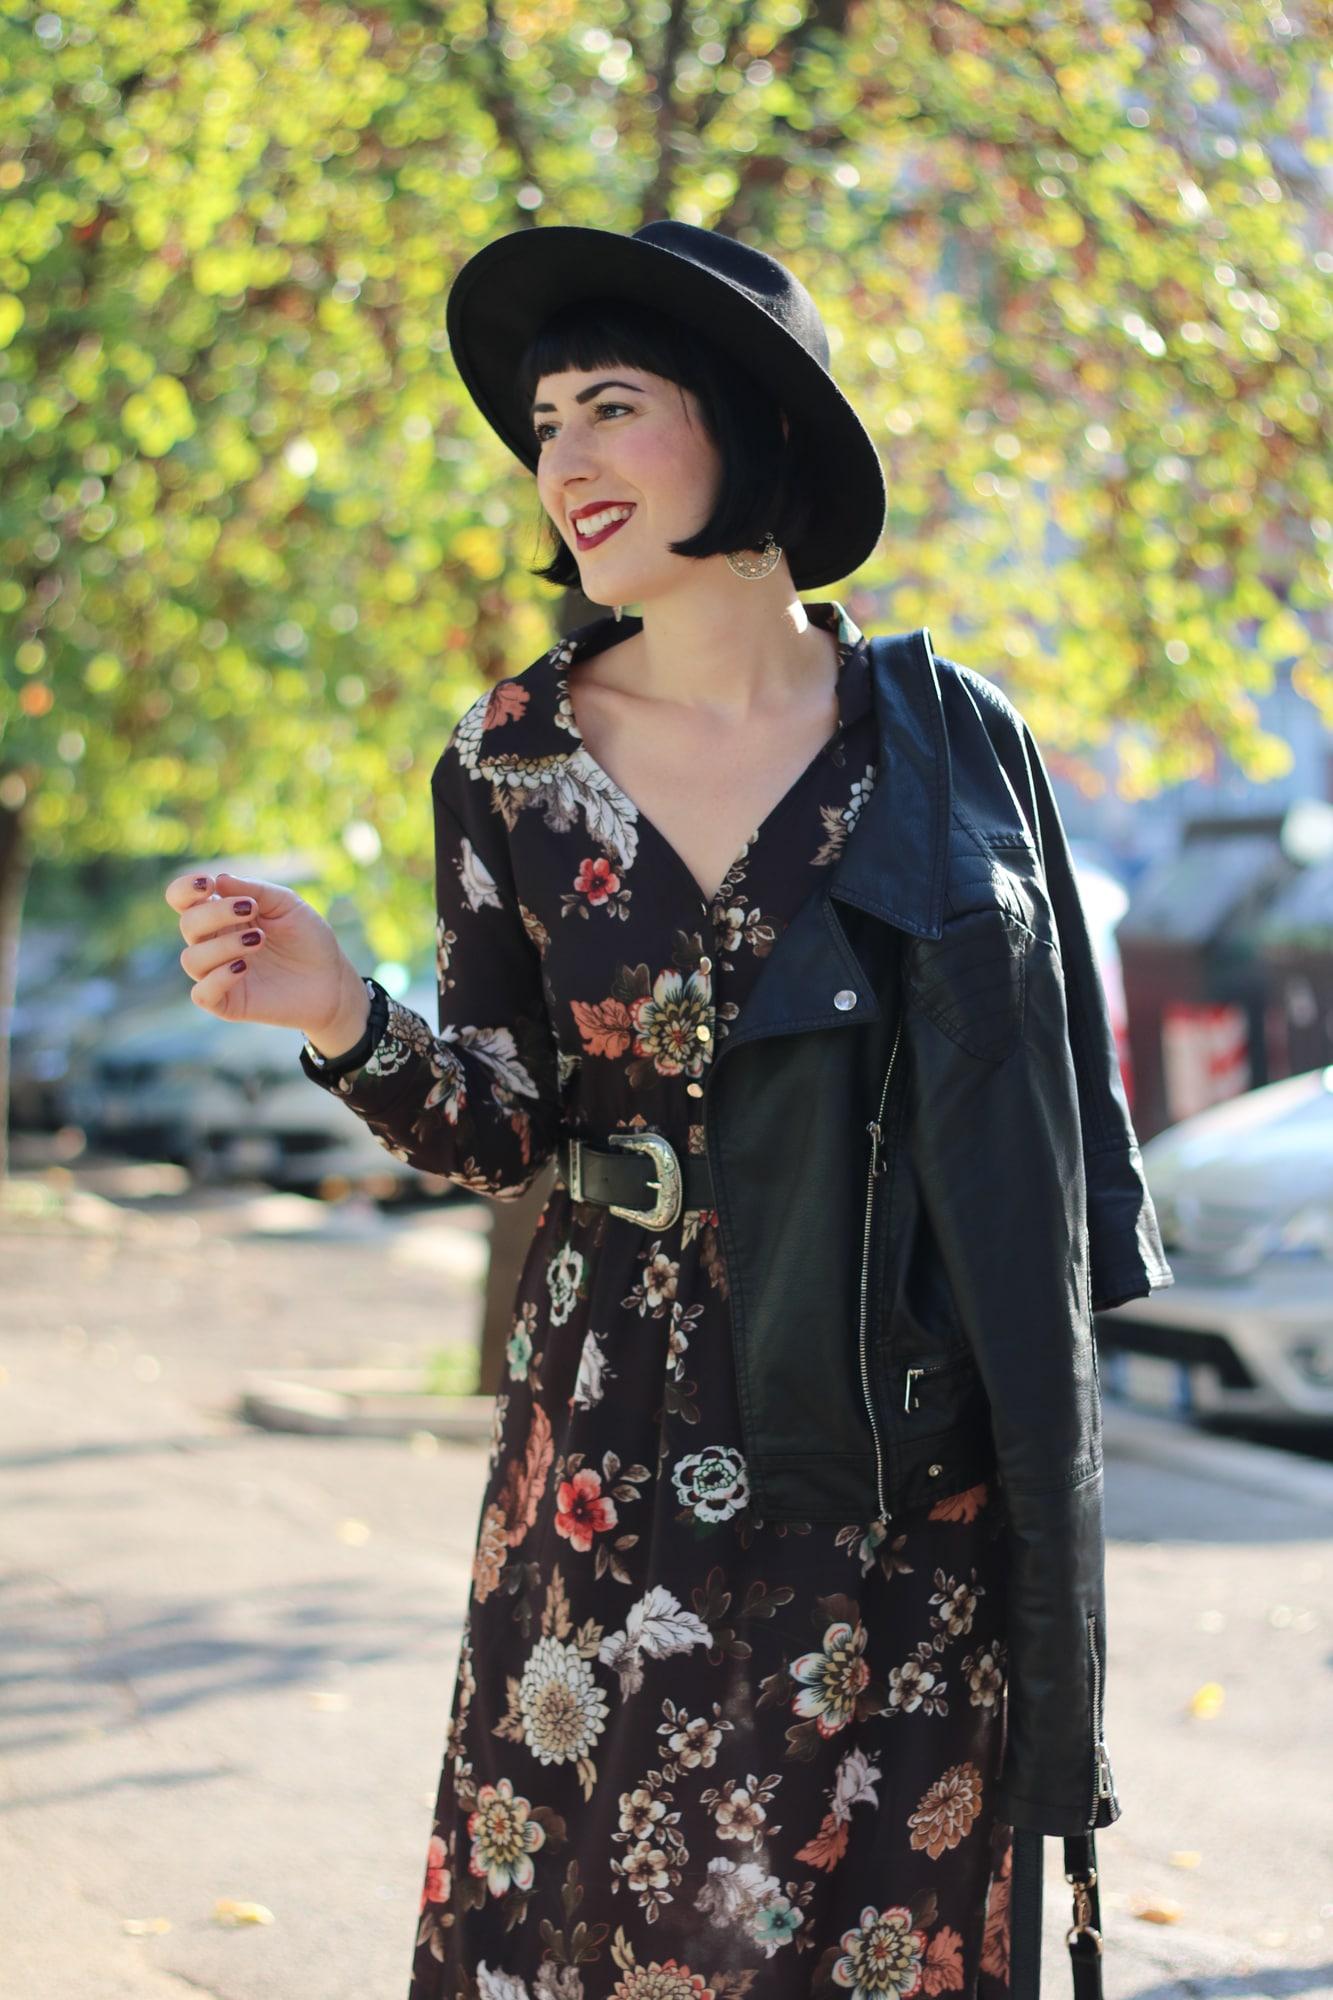 Outfit autunnale con vestito lungo a fiori firmato Nuna Lie